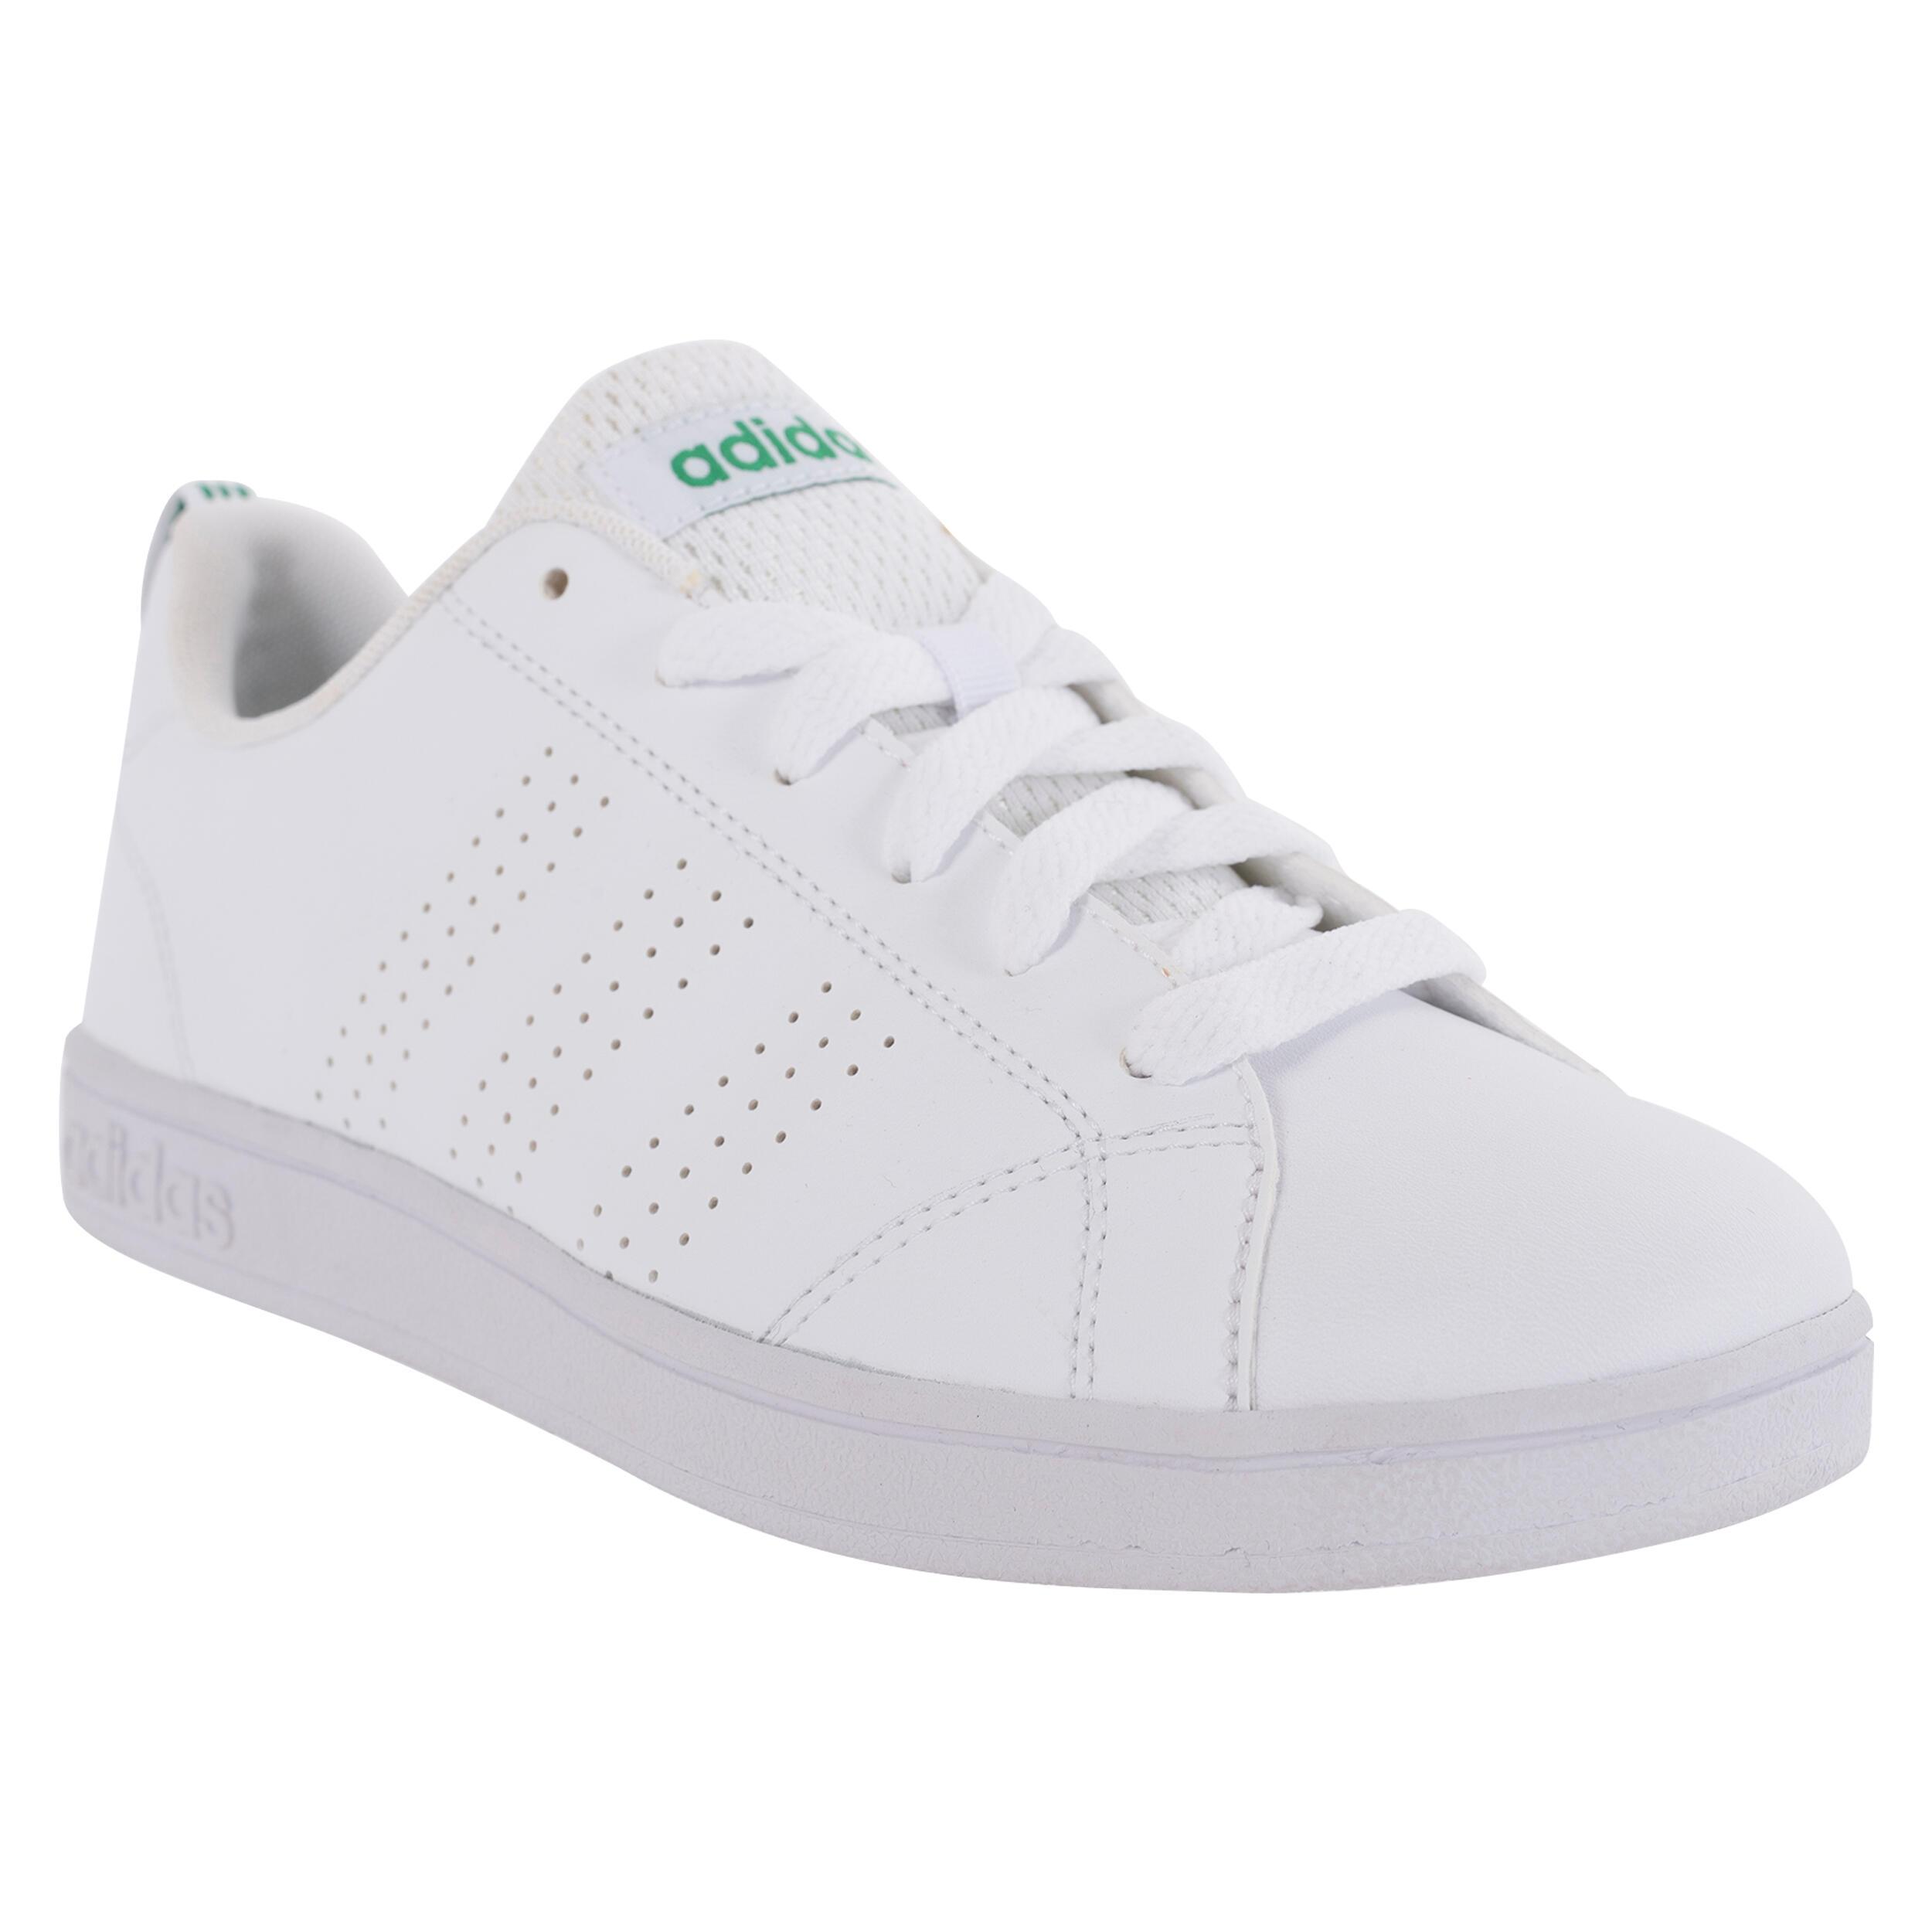 FemmeBlan Hautes Frau Sneakers Sneakers Hautes FemmeBlan Frau Sneakers Frau Baskets Baskets nX0wOPk8